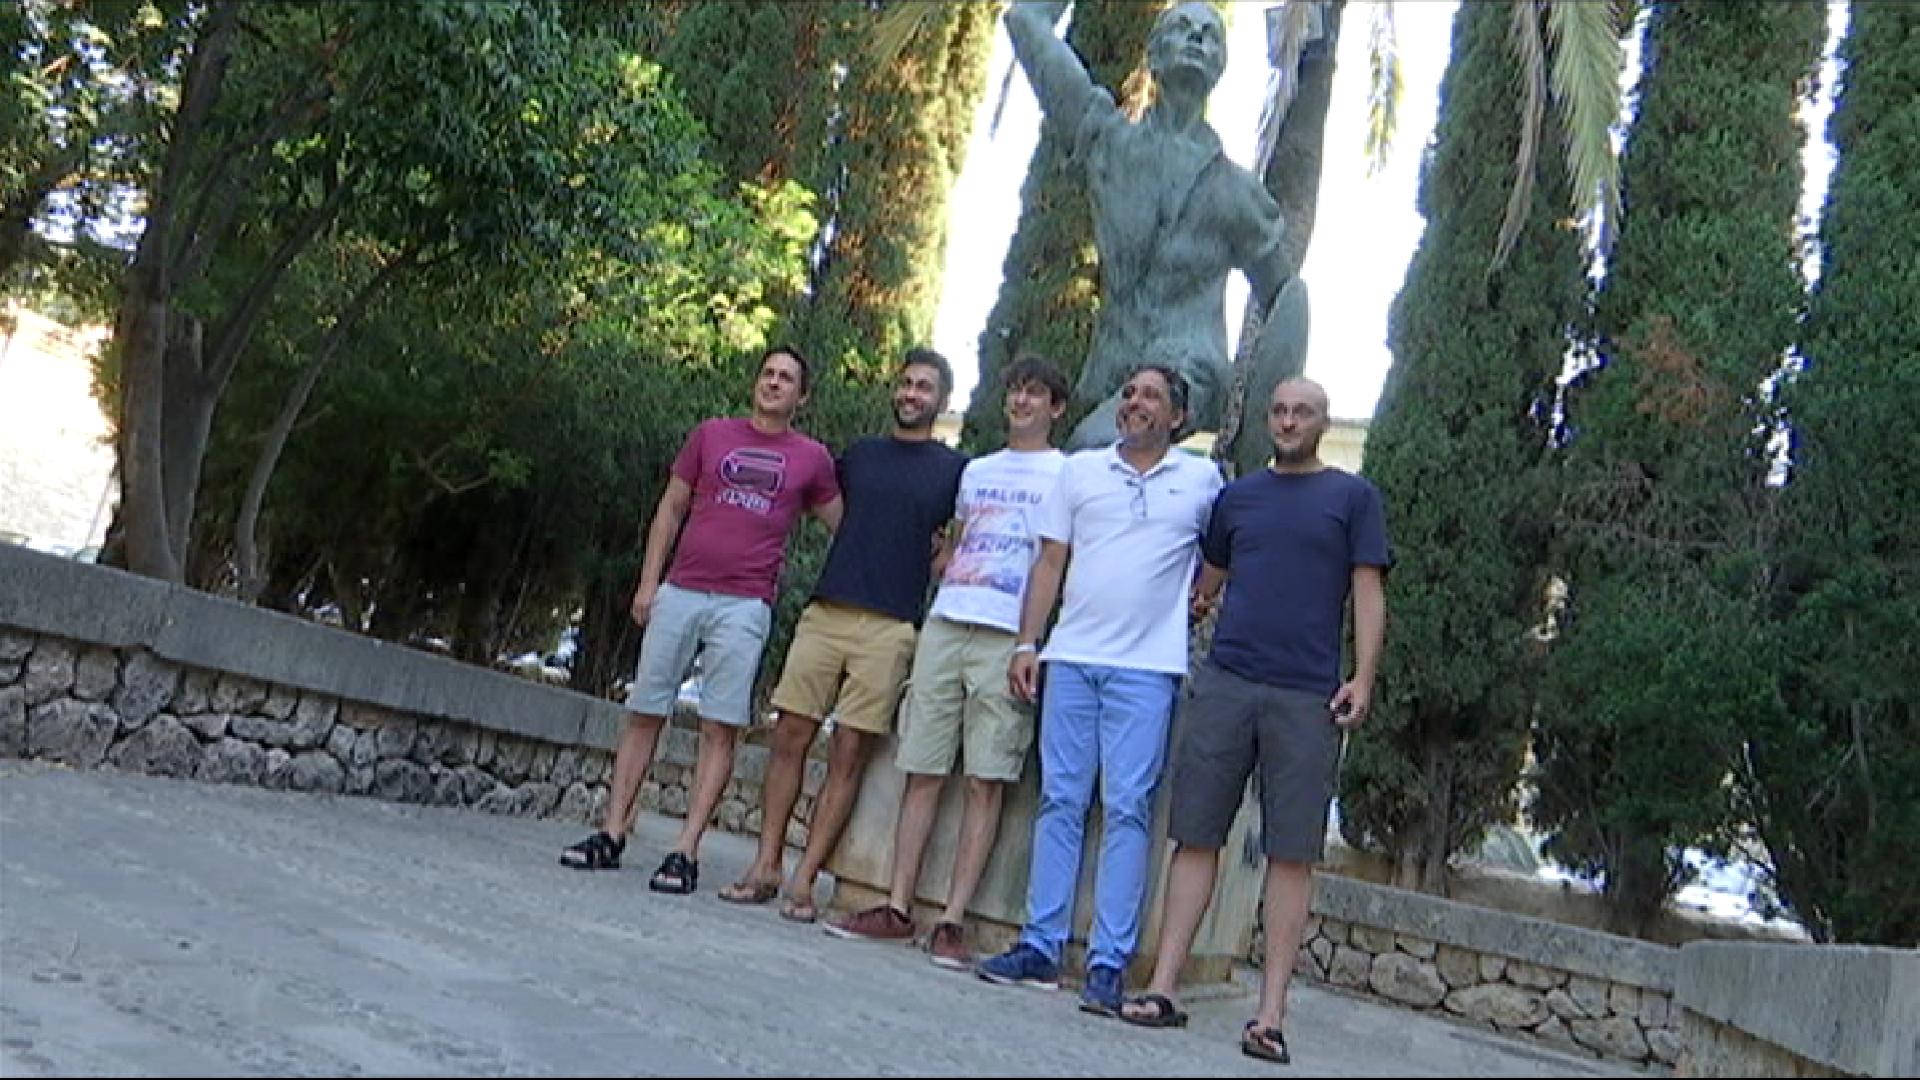 Cinc+candidats+a+Joan+Mas+i+tres+a+Dragut+per+a+les+festes+de+La+Patrona+de+Pollen%C3%A7a